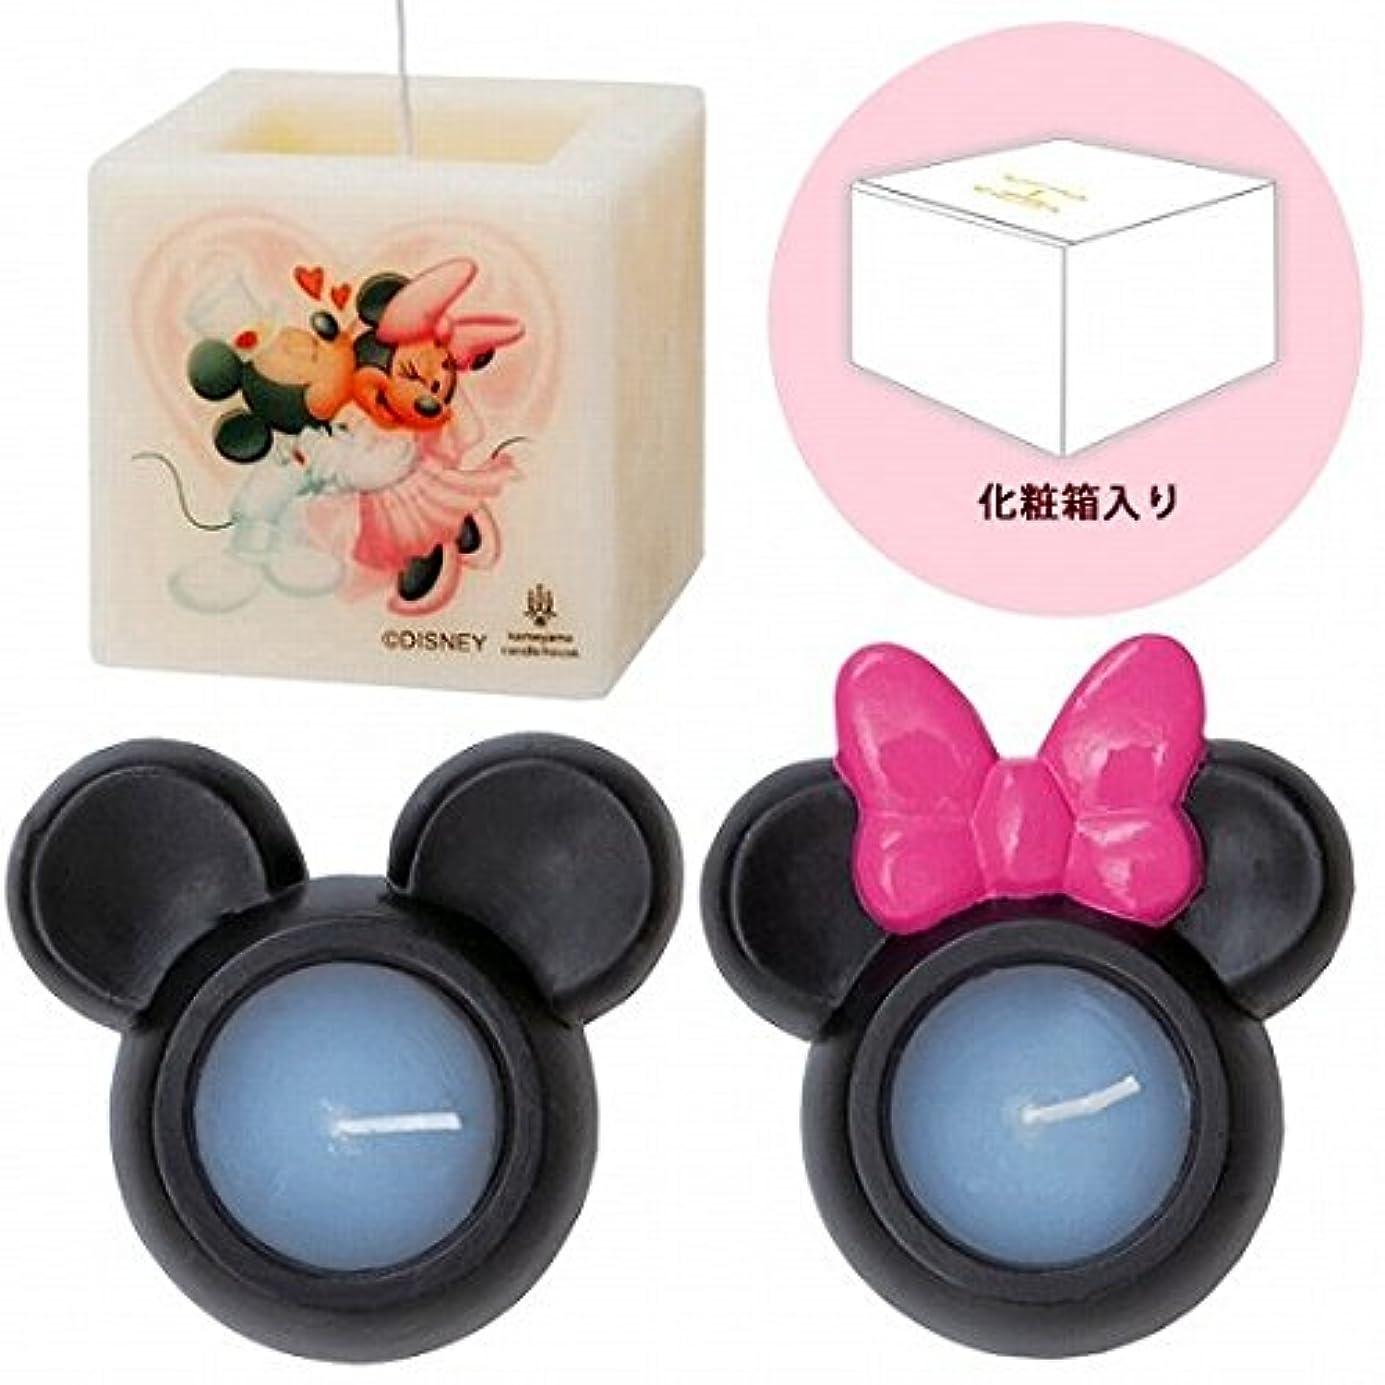 ペニーイースター掻くkameyama candle(カメヤマキャンドル) ミッキー&ミニーキャンドルセットM キャンドル 162x162x95mm (A7681002)